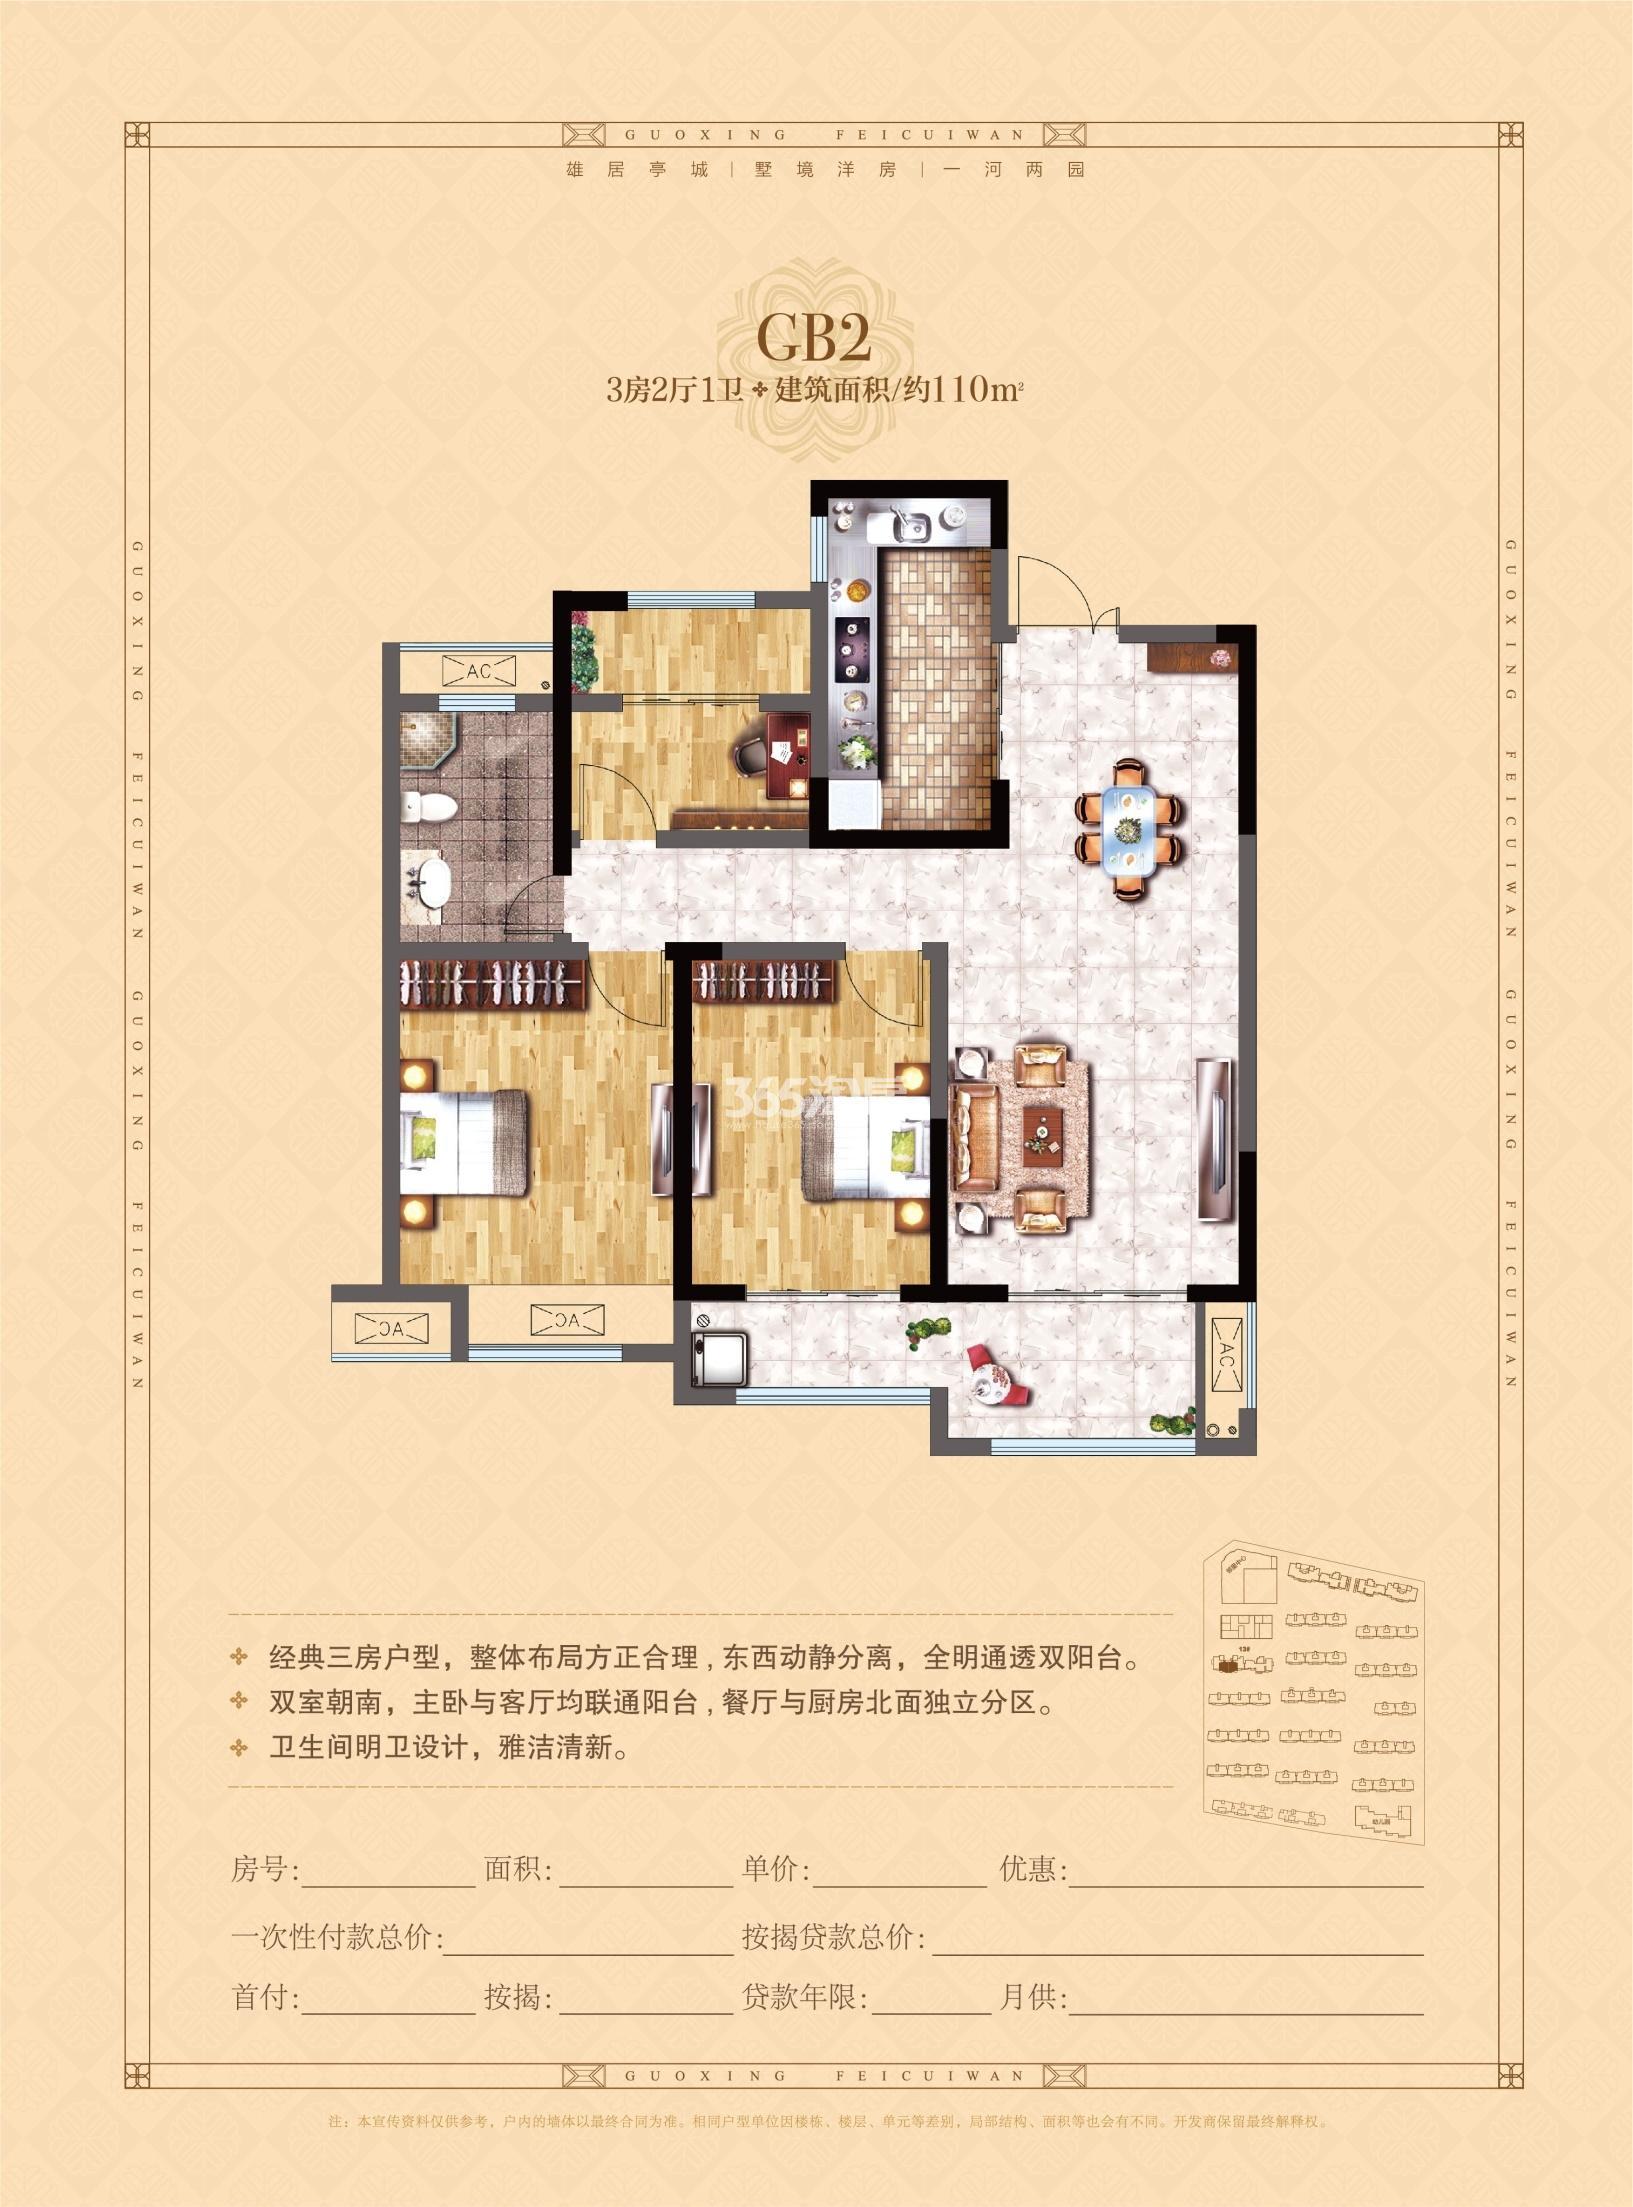 国兴翡翠湾 三室两厅一卫建筑面积约110平方